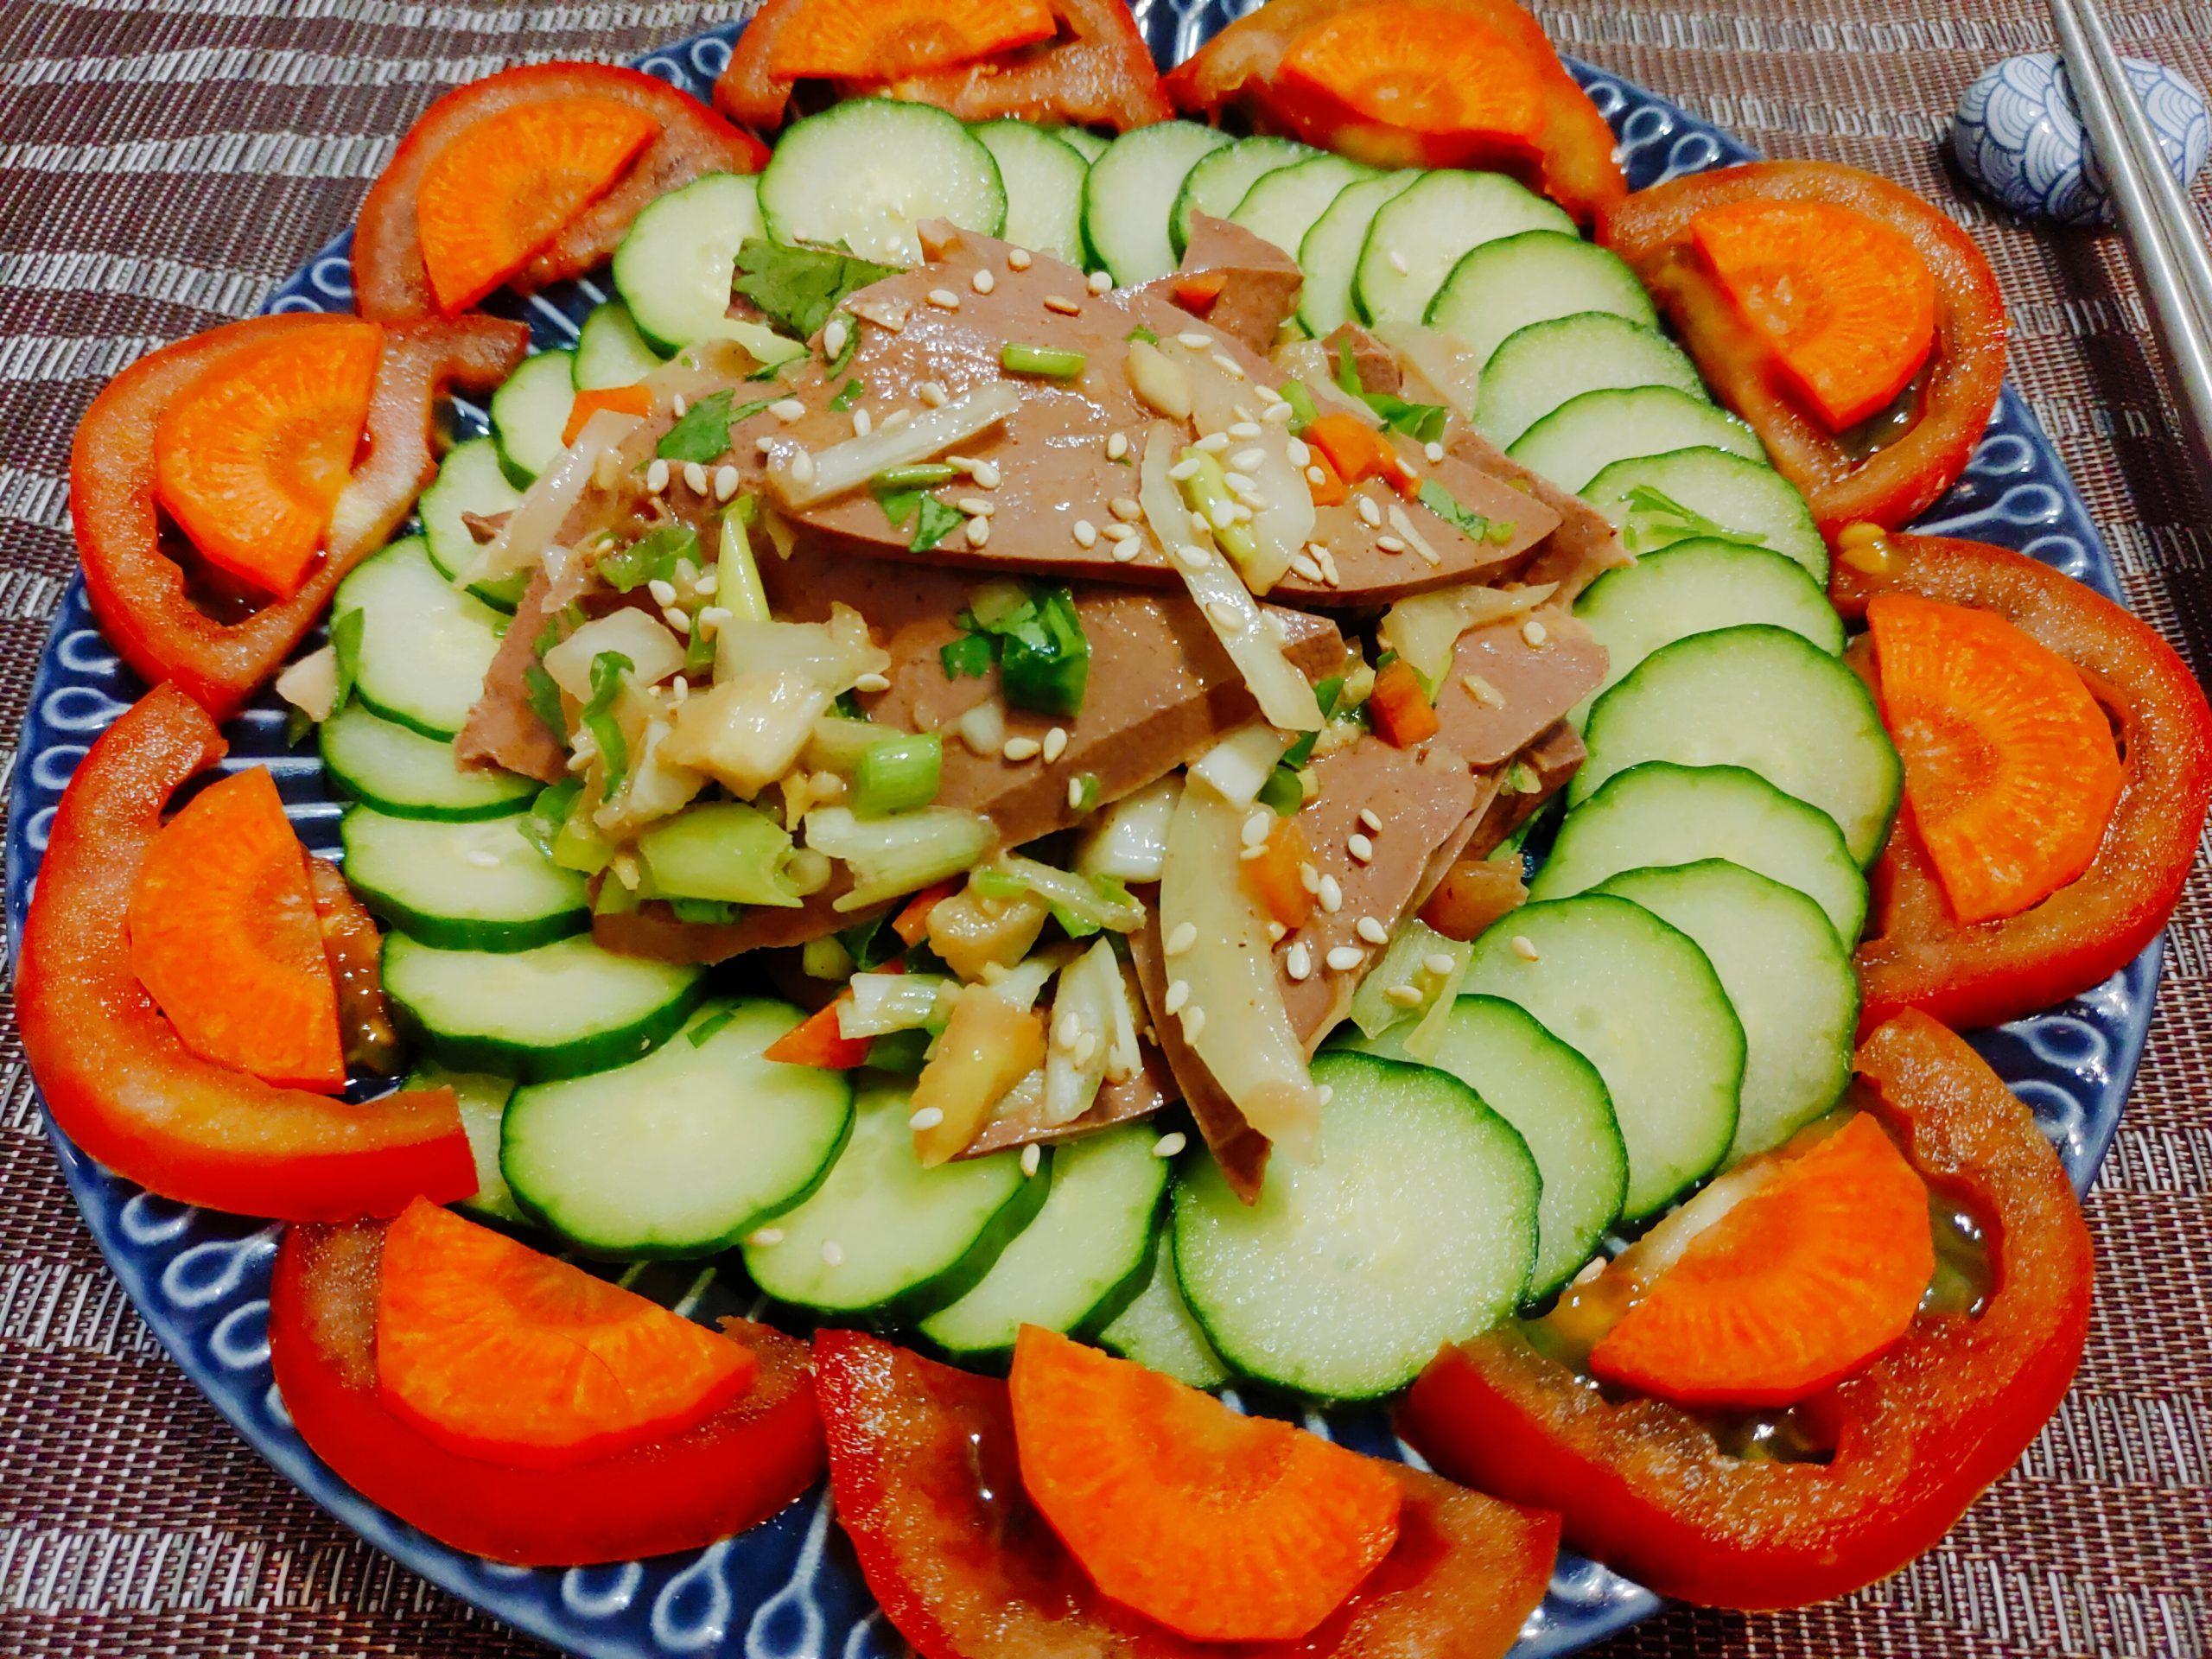 【食譜】涼拌粉肝|清爽蔬菜X軟嫩可口粉肝